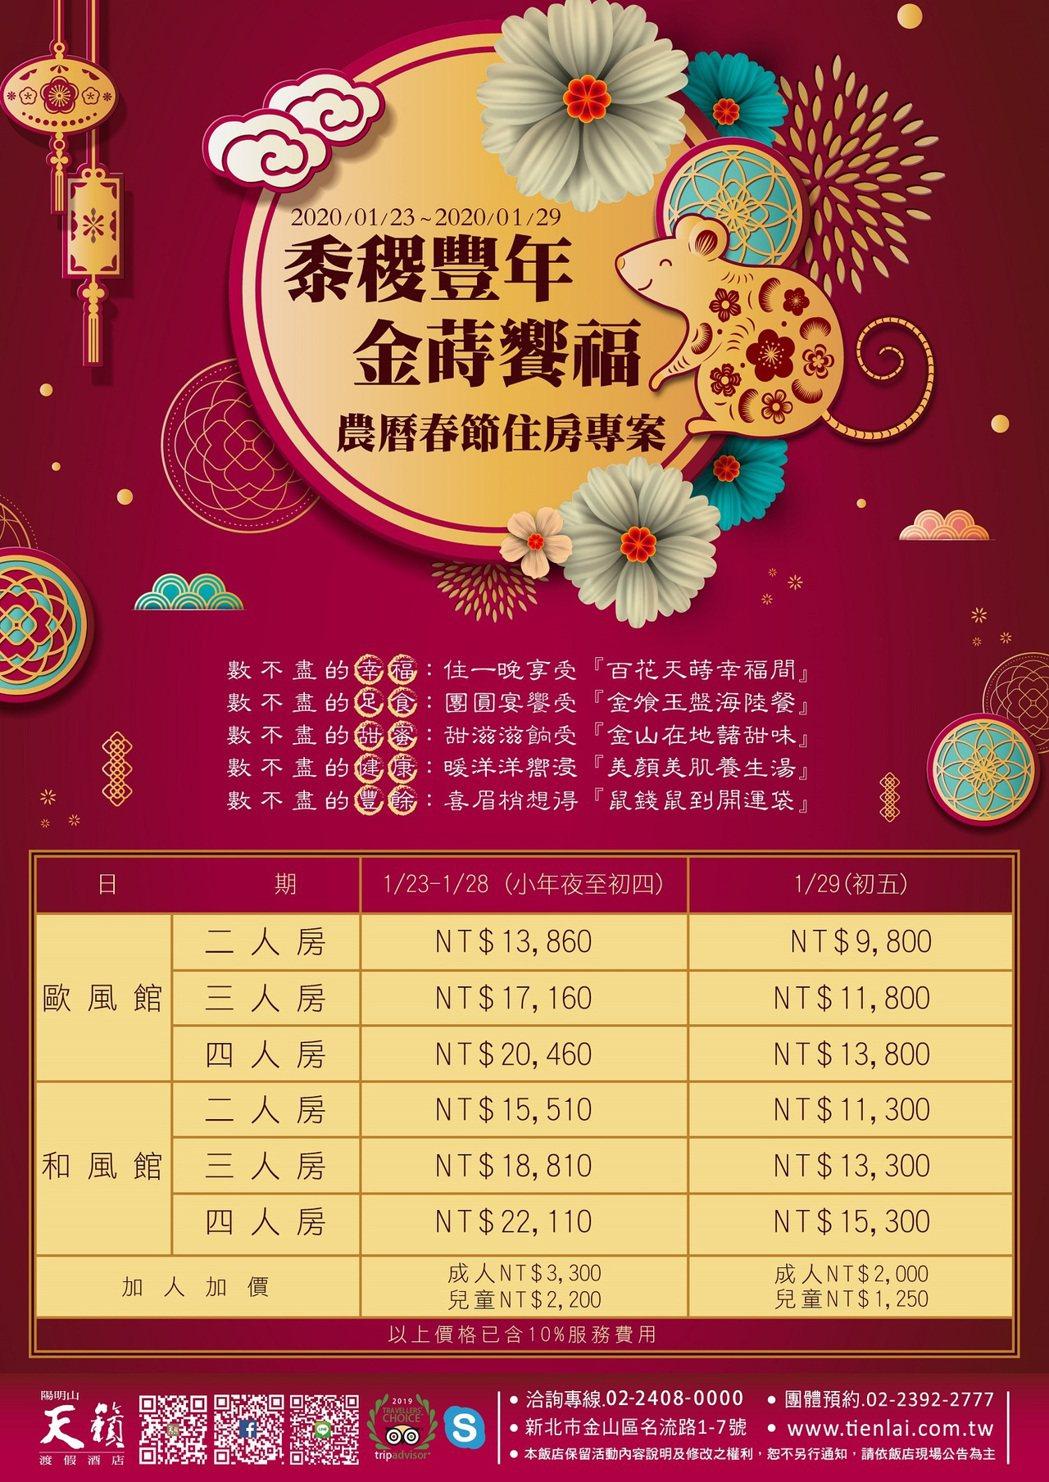 陽明山天籟渡假酒店1/23-1/29推出春節一日遊行程,泡湯加午餐$1,680元...